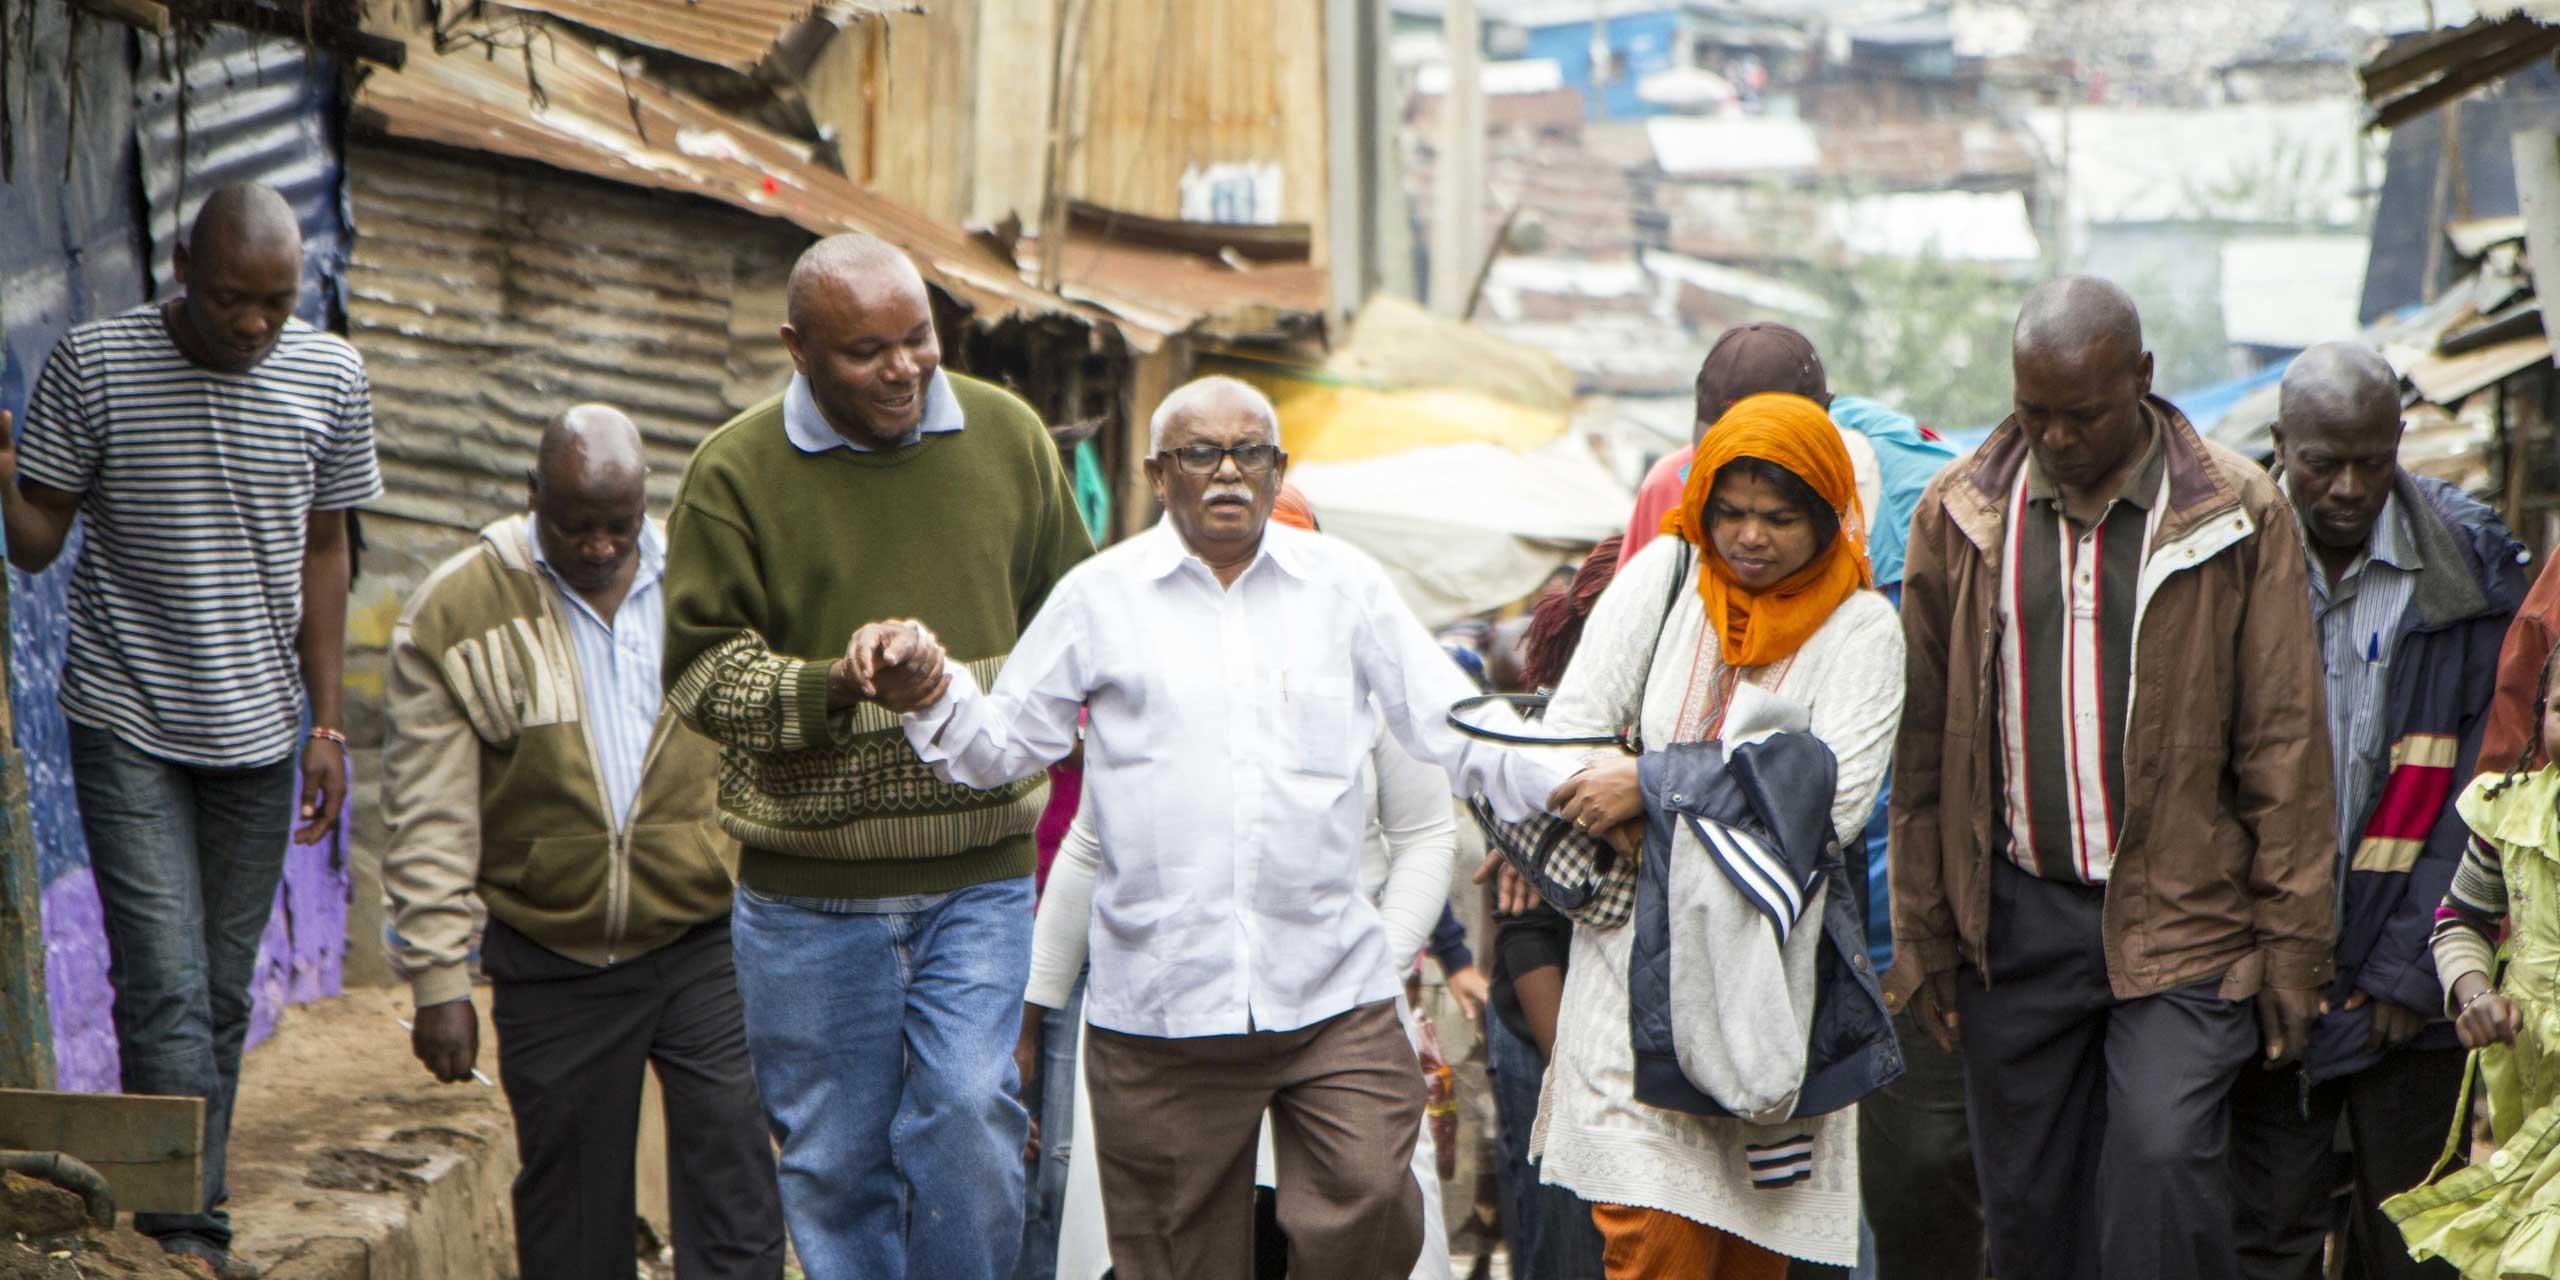 http://skollworldforumorg.c.presscdn.com/wp-content/uploads/2015/01/slum-dwellers-international-sl3.jpg